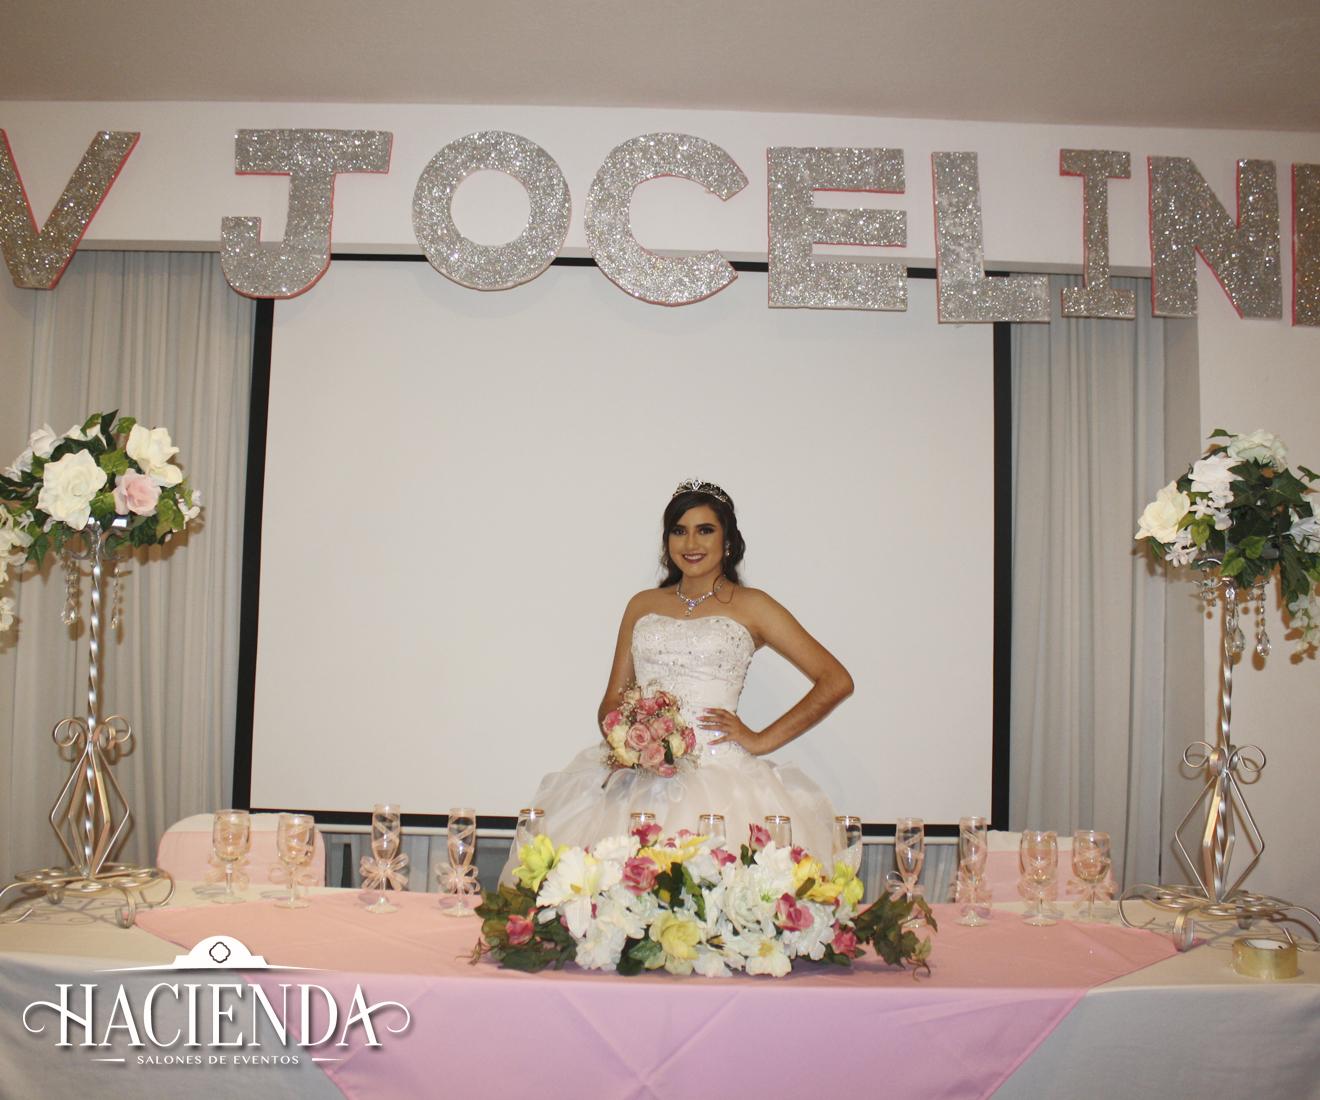 Joceline 10 Agosto 2018